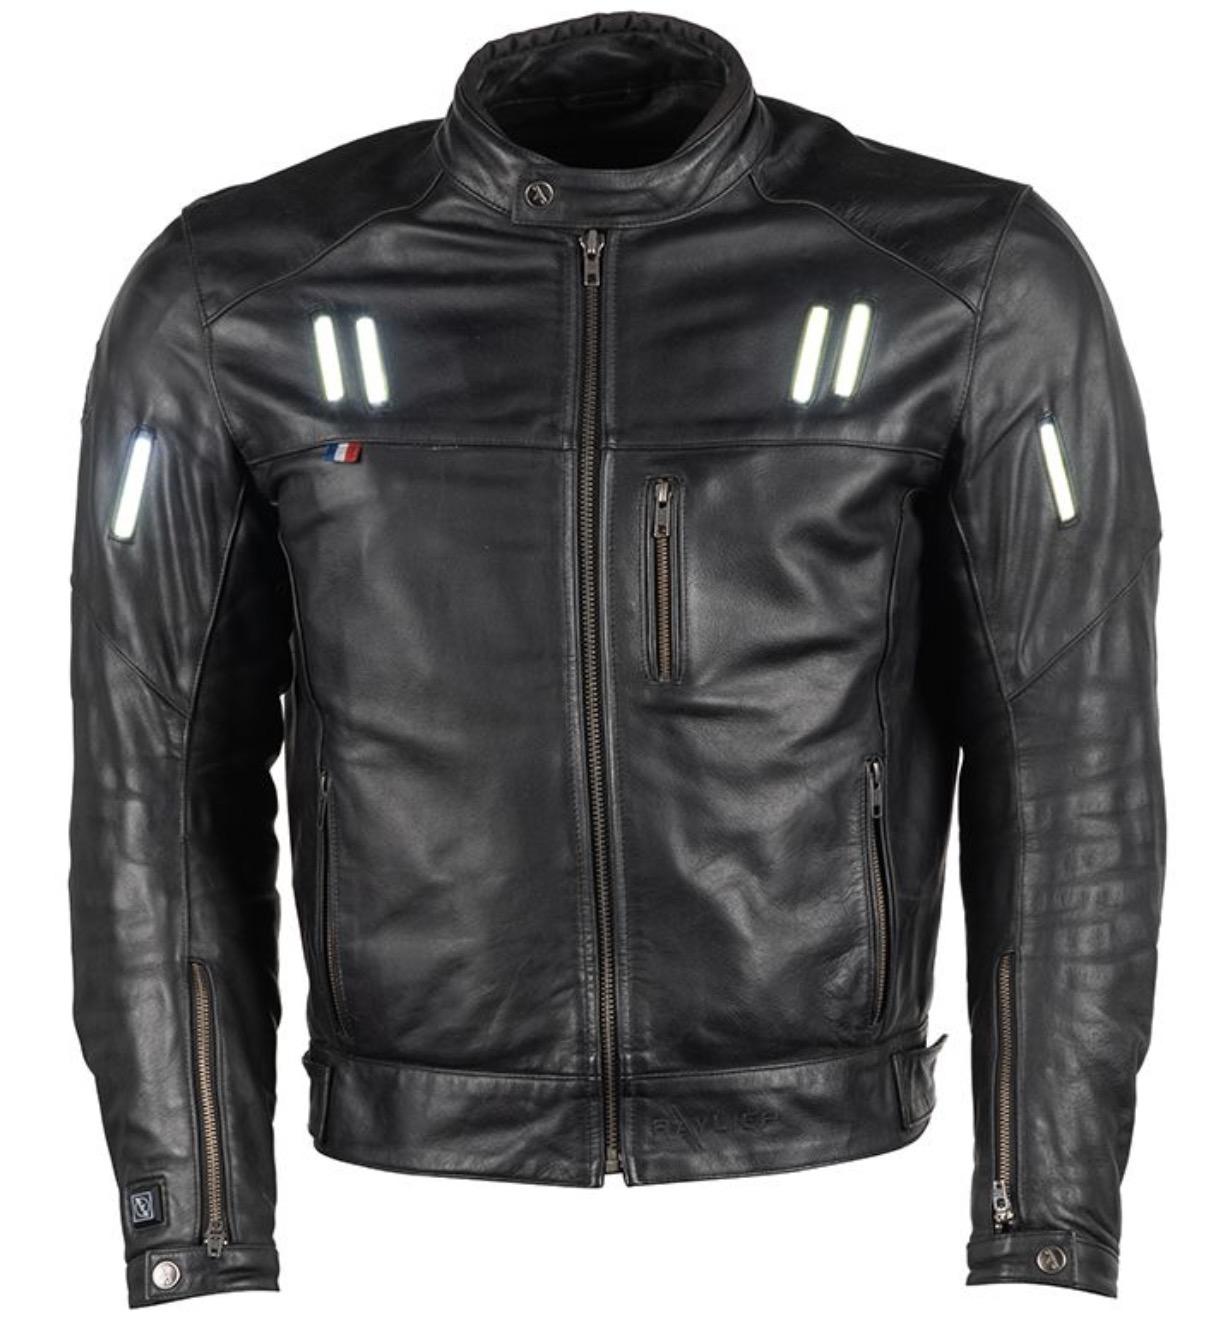 Code promo Motoblouz : Un blouson de moto lumineux Raylier d'une valeur de 595€ à gagner